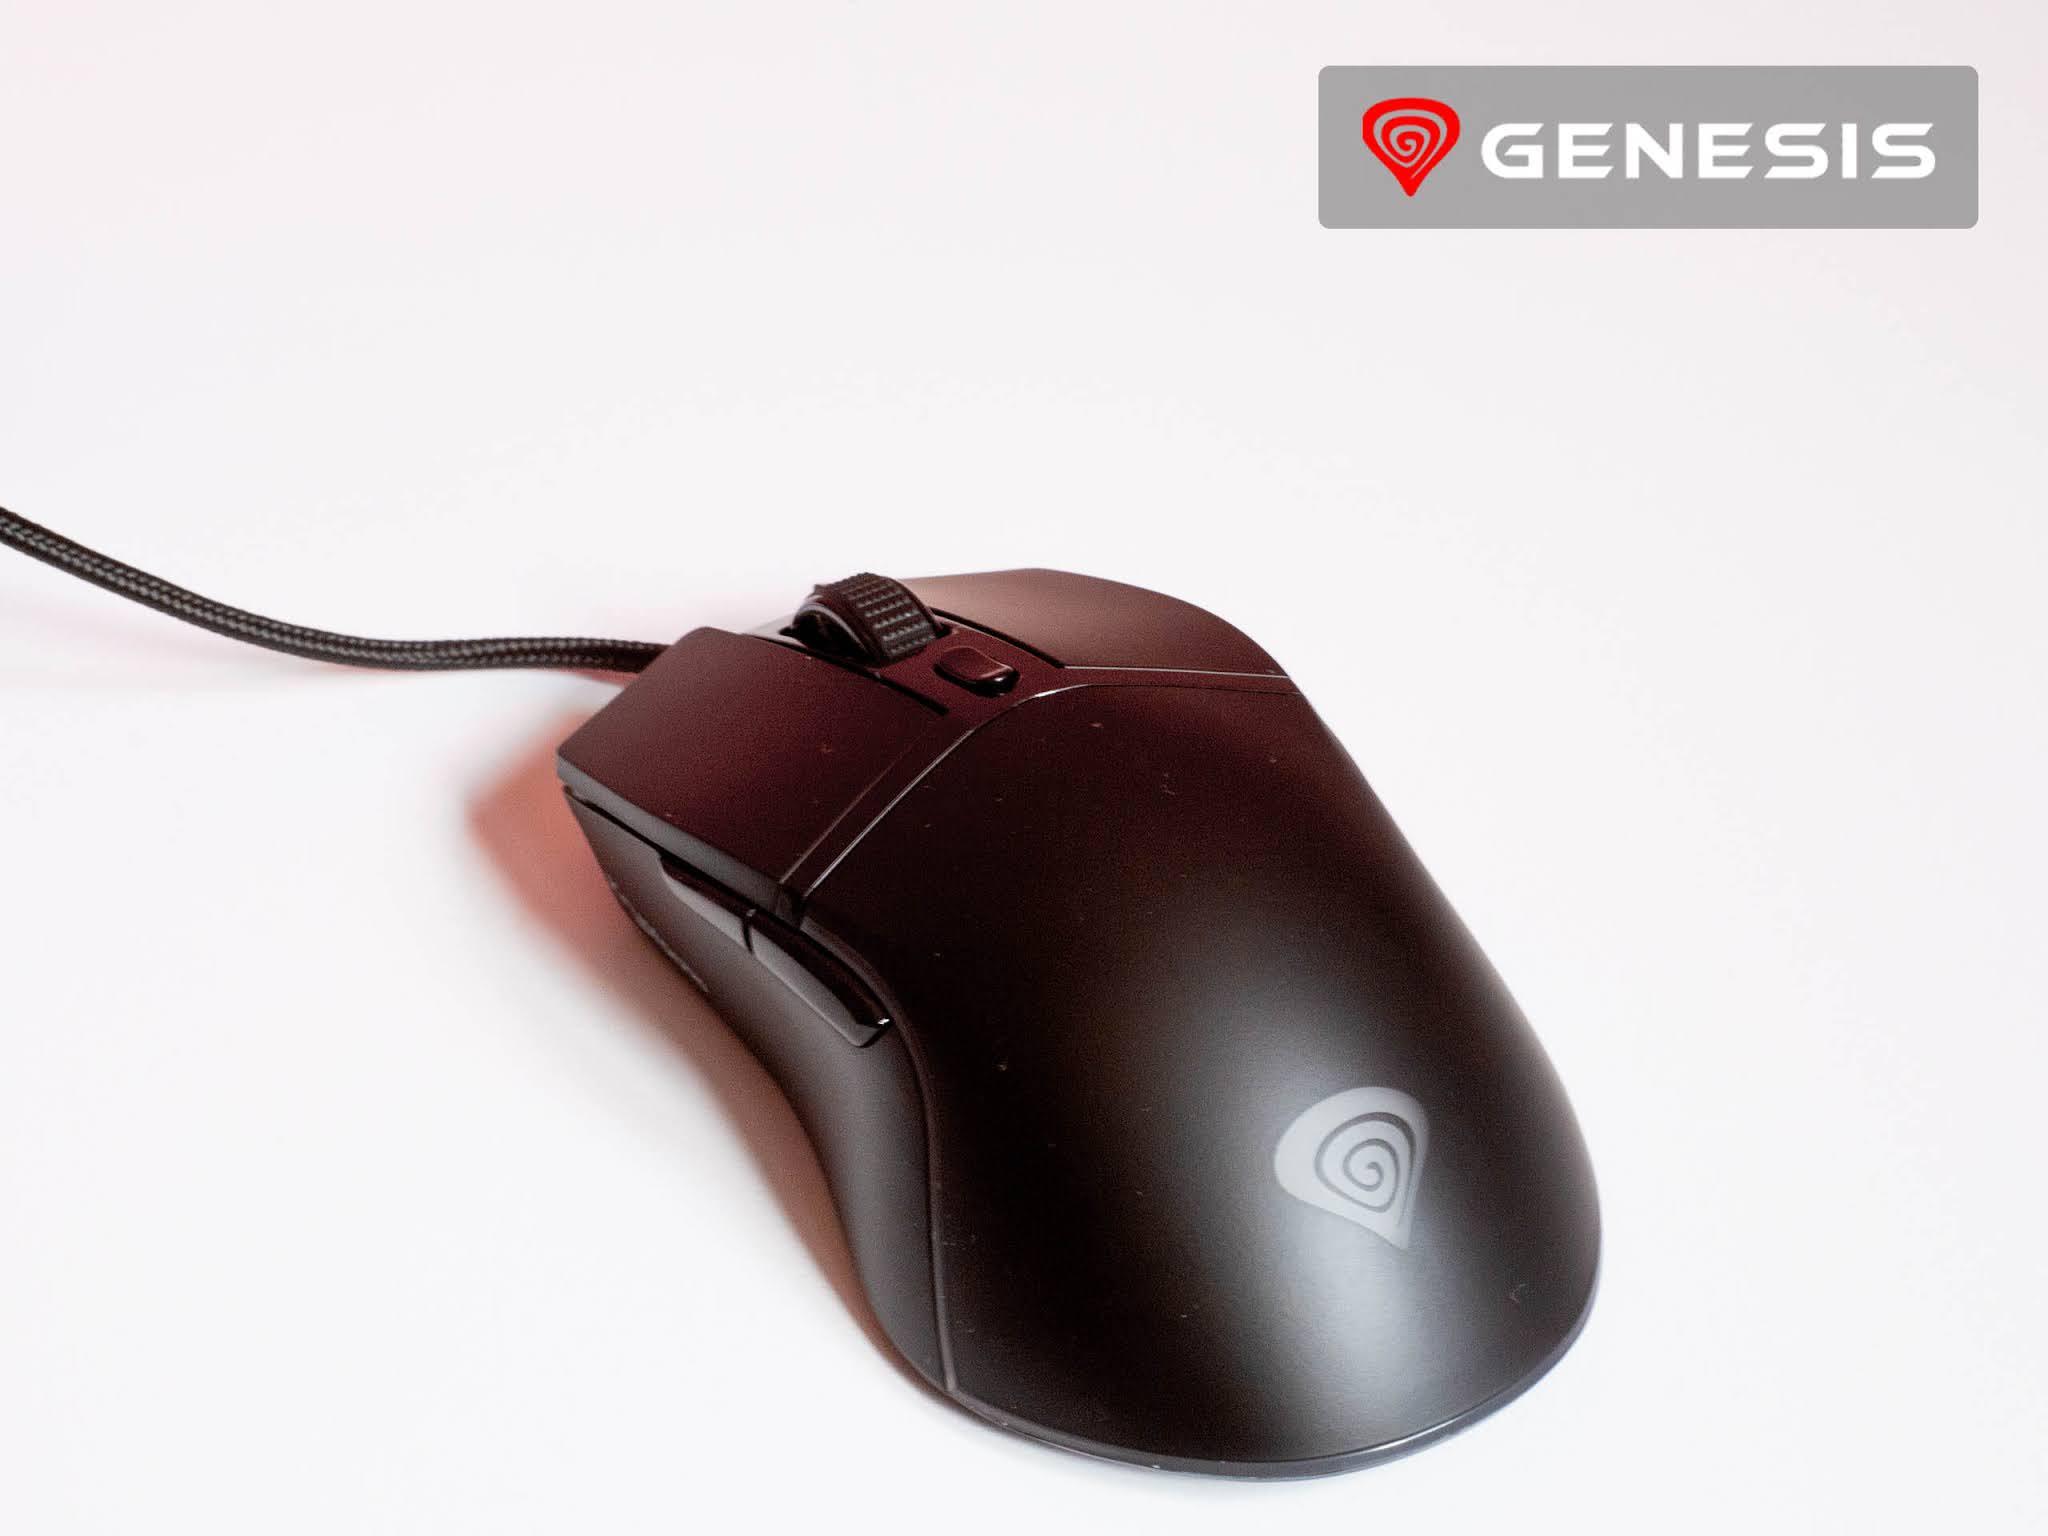 Myszka Genesis Krypton 220 wygląd